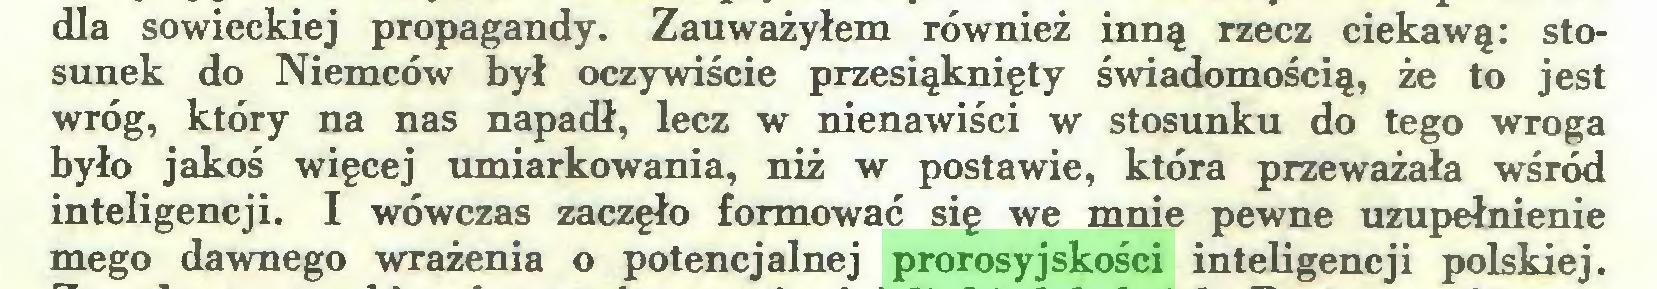 (...) dla sowieckiej propagandy. Zauważyłem również inną rzecz ciekawą: stosunek do Niemców był oczywiście przesiąknięty świadomością, że to jest wróg, który na nas napadł, lecz w nienawiści w stosunku do tego wroga było jakoś więcej umiarkowania, niż w postawie, która przeważała wśród inteligencji. I wówczas zaczęło formować się we mnie pewne uzupełnienie mego dawnego wrażenia o potencjalnej prorosyjskości inteligencji polskiej...